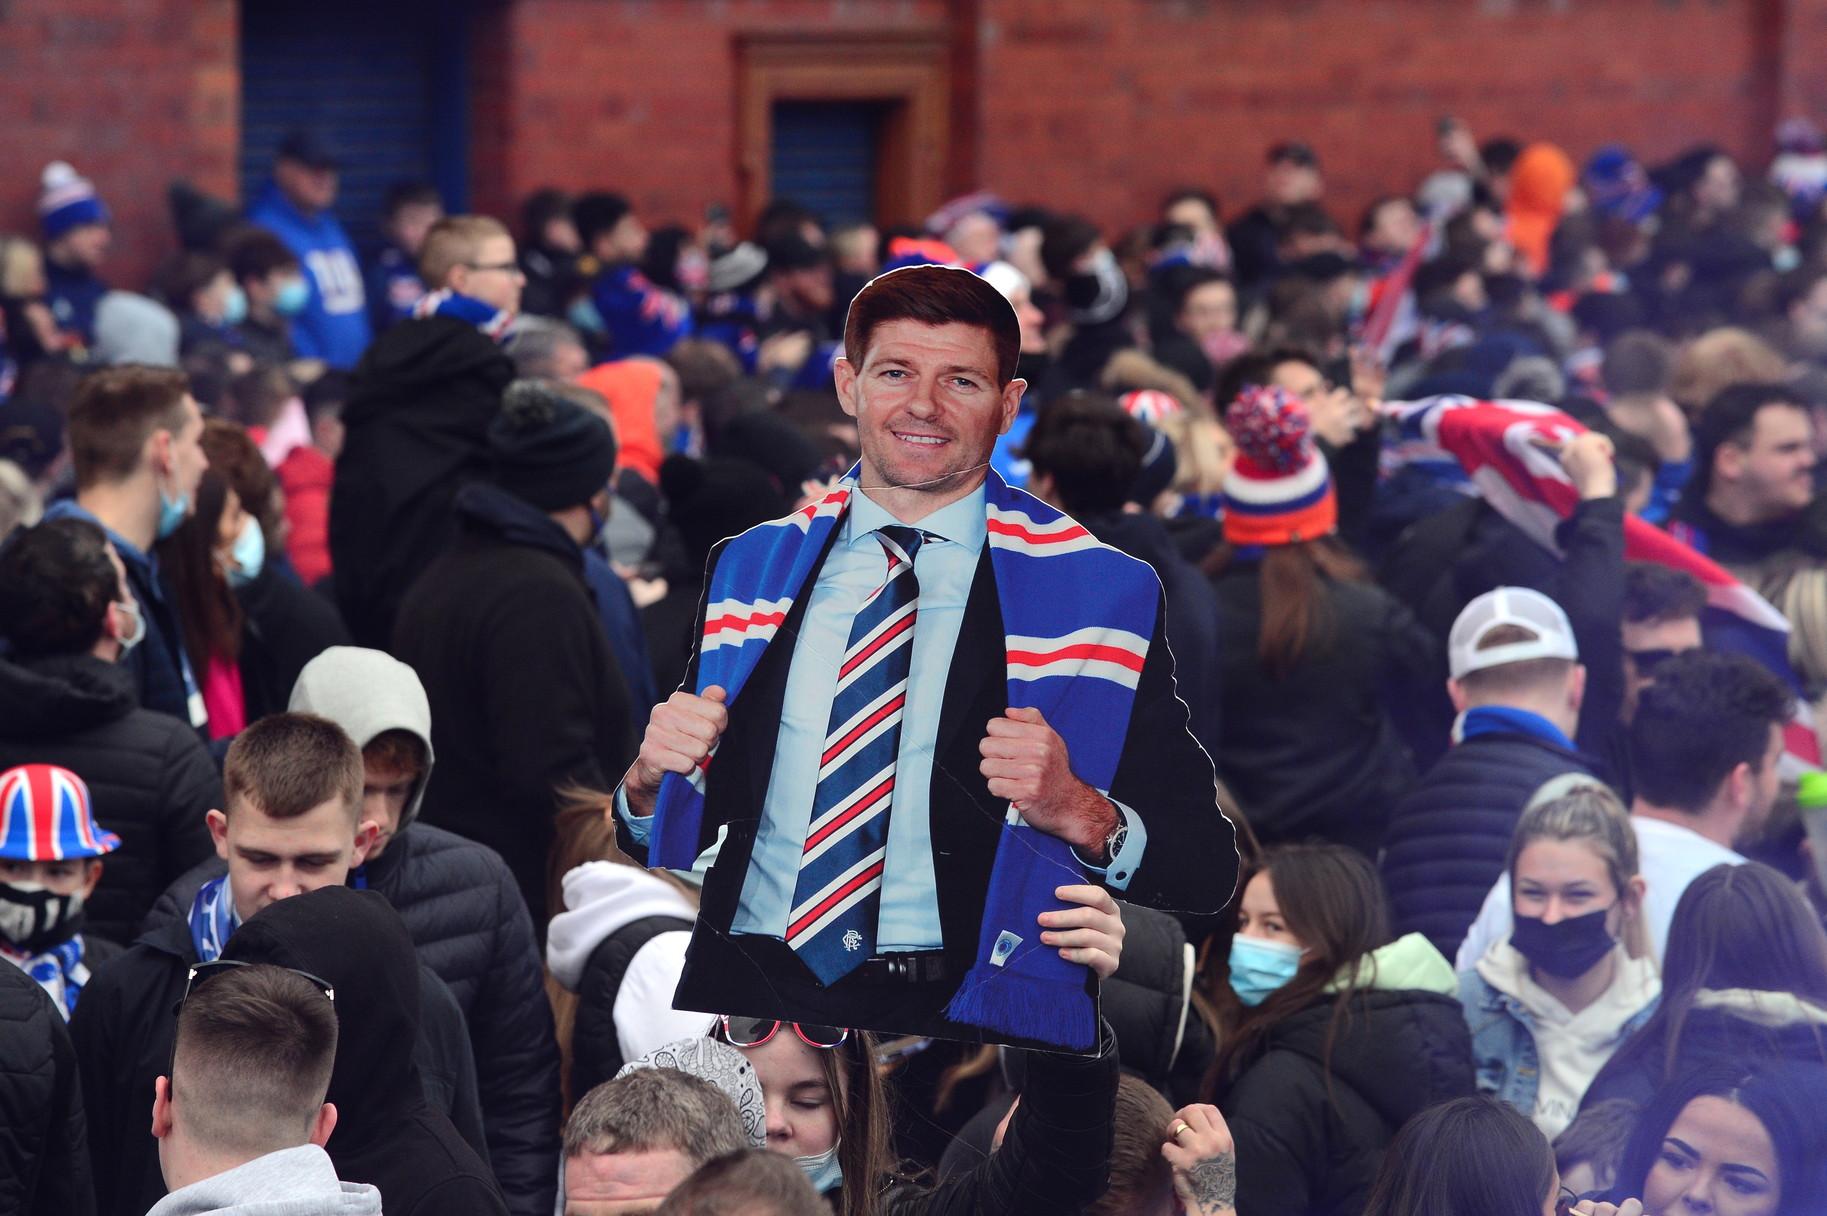 I Rangers di Glasgow hanno vinto il loro primo titolo di Premiership scozzese dopo 10 anni completando cos&igrave; il ritorno al vertice dopo il fallimento ed essere stati costretti a risalire dalla quarta divisione. Il 55esimo titolo di campioni di Scozia, record del mondo, &egrave; arrivato dopo che il Celtic ha pareggiato 0-0 contro il Dundee United. I festeggiamenti dei tifosi fuori Ibrox erano iniziati gi&agrave; il giorno precedente, quando i Rangers hanno battuto il St. Mirren 3-0, e hanno violato ogni regola contro la pandemia. Nonostante Glasgow sia in lockdown, infatti, la gente di fede Rangers si &egrave; scatenata e poco hanno potuto fare steward e polizia per contenere un travolgente entusiasmo che poco si concilia con le regole sul distanziamento sociale. Il governo scozzese ha duramente stigmatizzato l&#39;accaduto. &quot;Siamo estremamente delusi dal comportamento di coloro che si sono assembrati a Ibrox - ha detto un portavoce -. Siamo in una fase cruciale nella lotta al virus, e le azioni di questa gente, che comunque sono una minoranza, mettono a rischio la salute e le vite degli altri, dei poliziotti e dell&#39;intera comunit&agrave;&rdquo;.<br /><br />